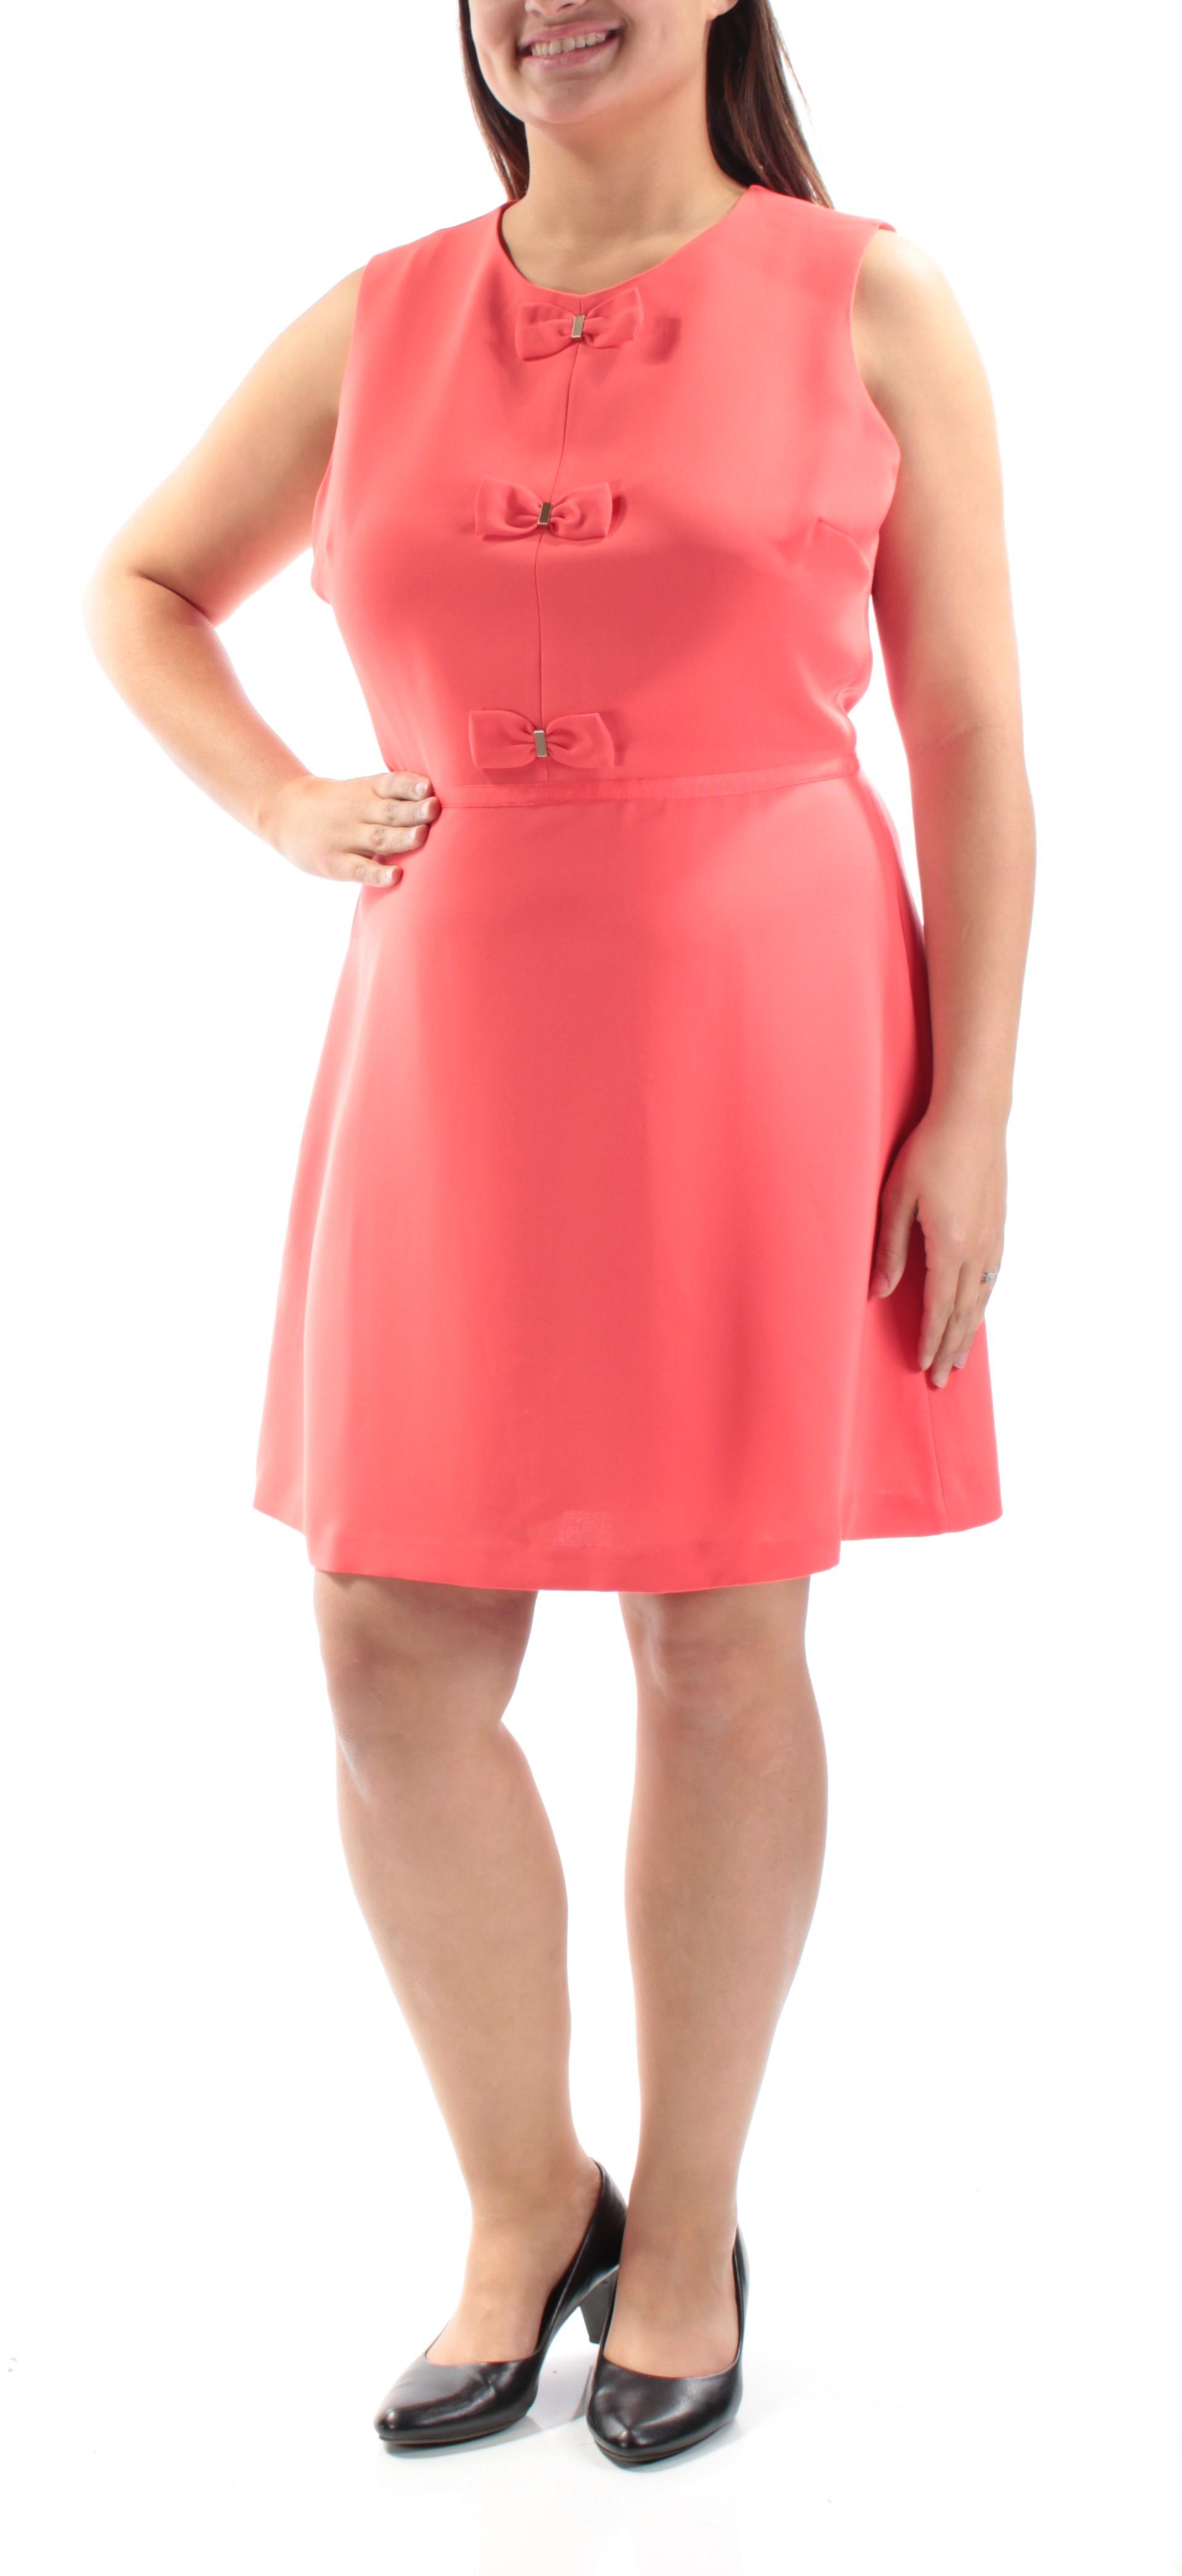 46c662a88d MAISON JULES $80 Womens New 1089 Red Above The Knee Dress XL B+B ...